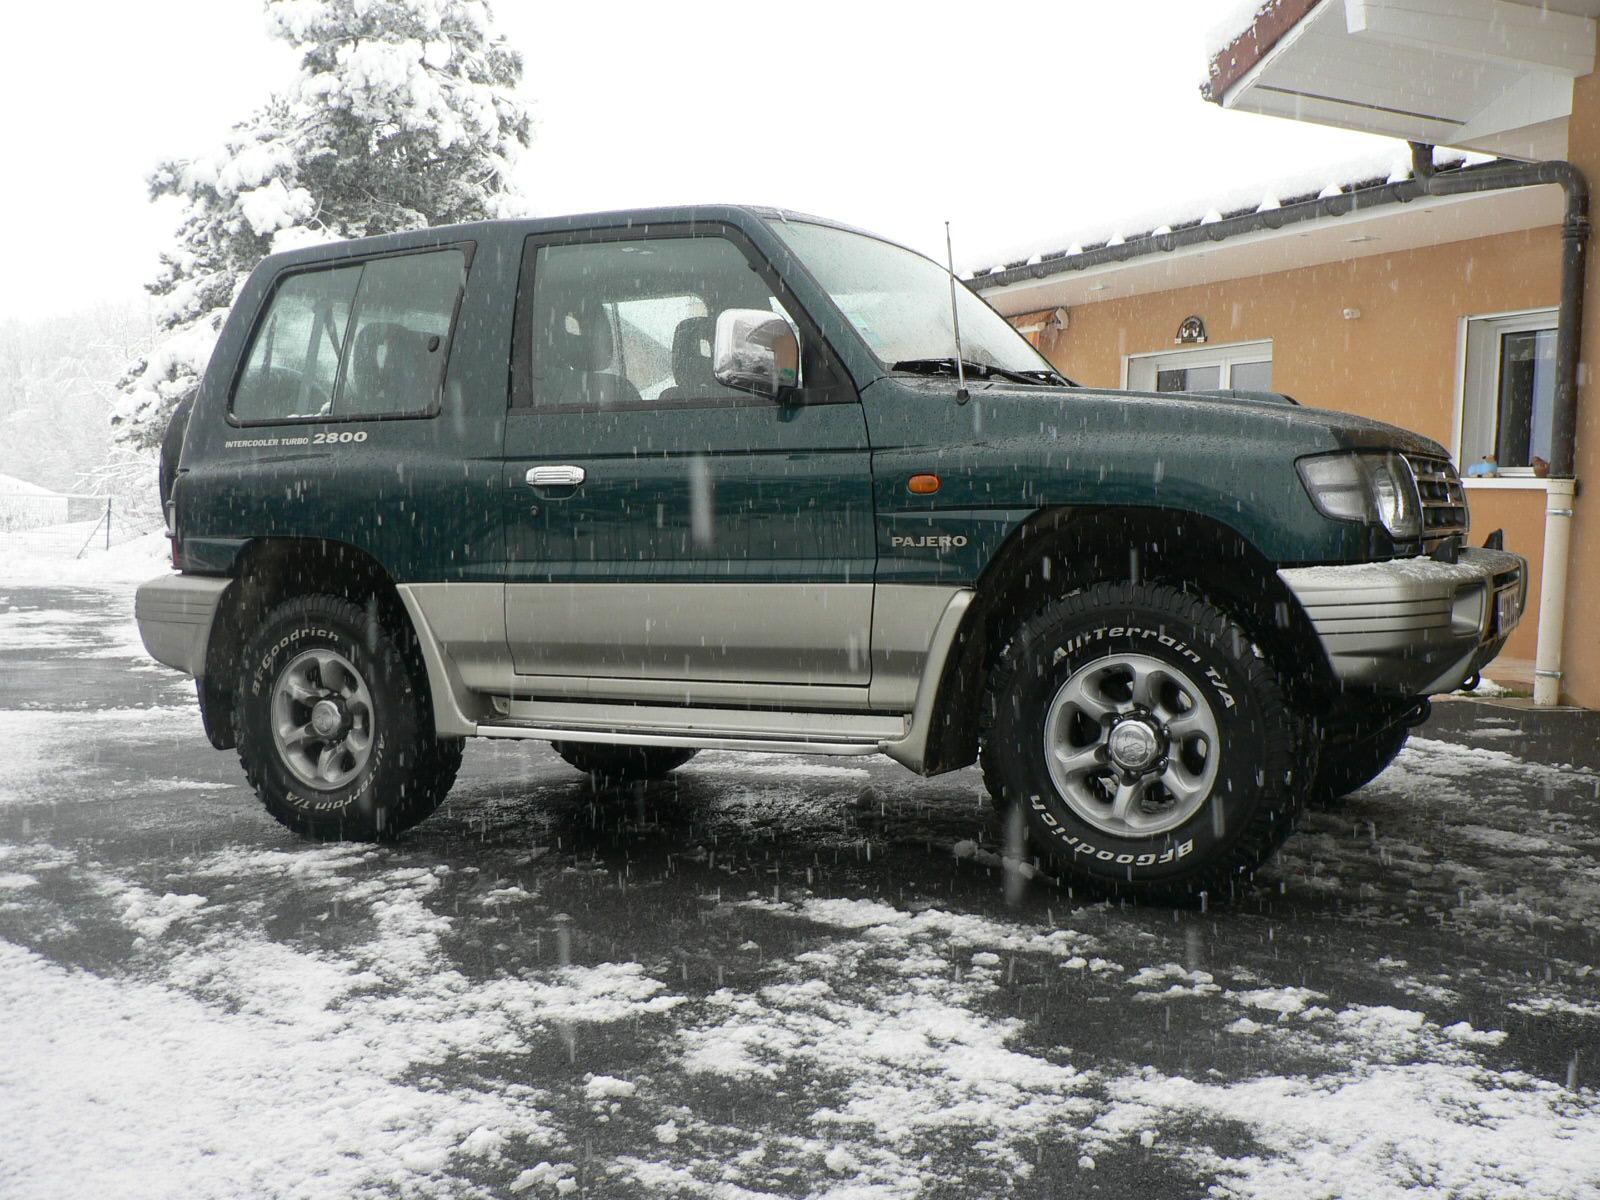 Euro affiliate recherche auto for Garage land rover thionville